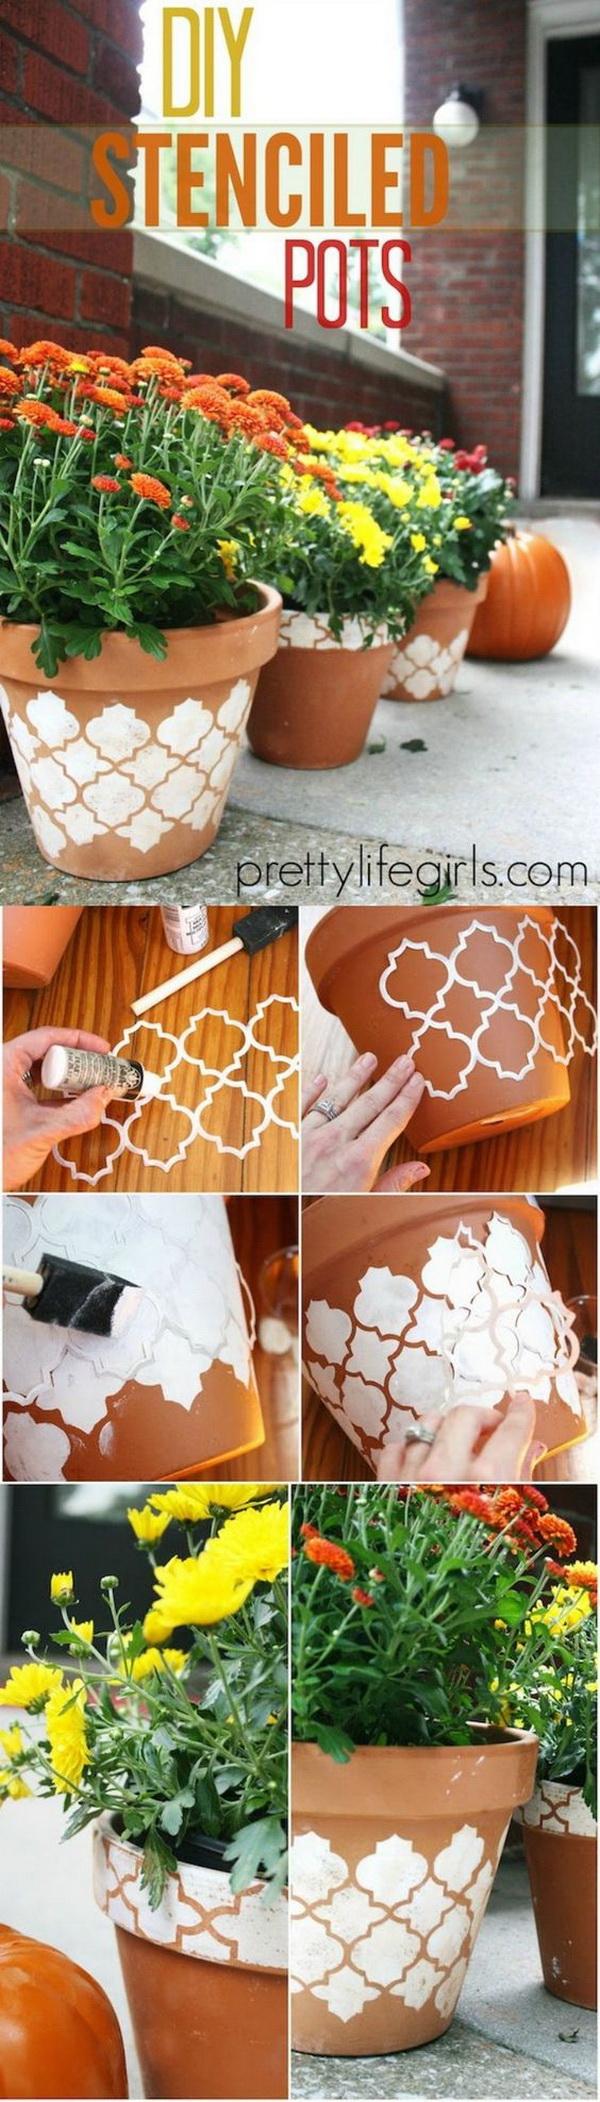 DIY Stenciled Clay Pots.